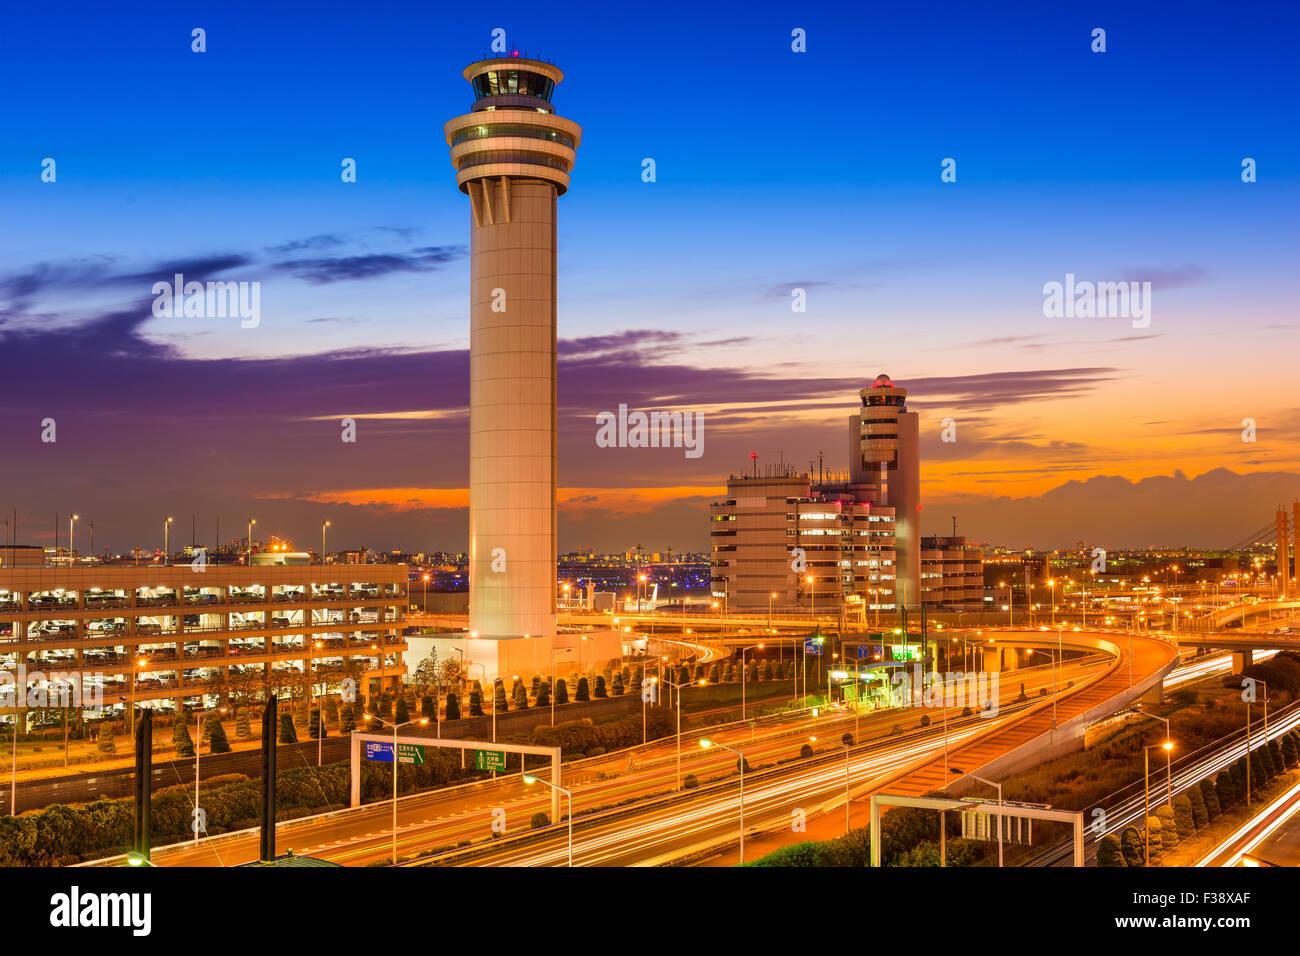 Kontrollturm Flughafen Tokio-Haneda in Tokio, Japan. Stockbild